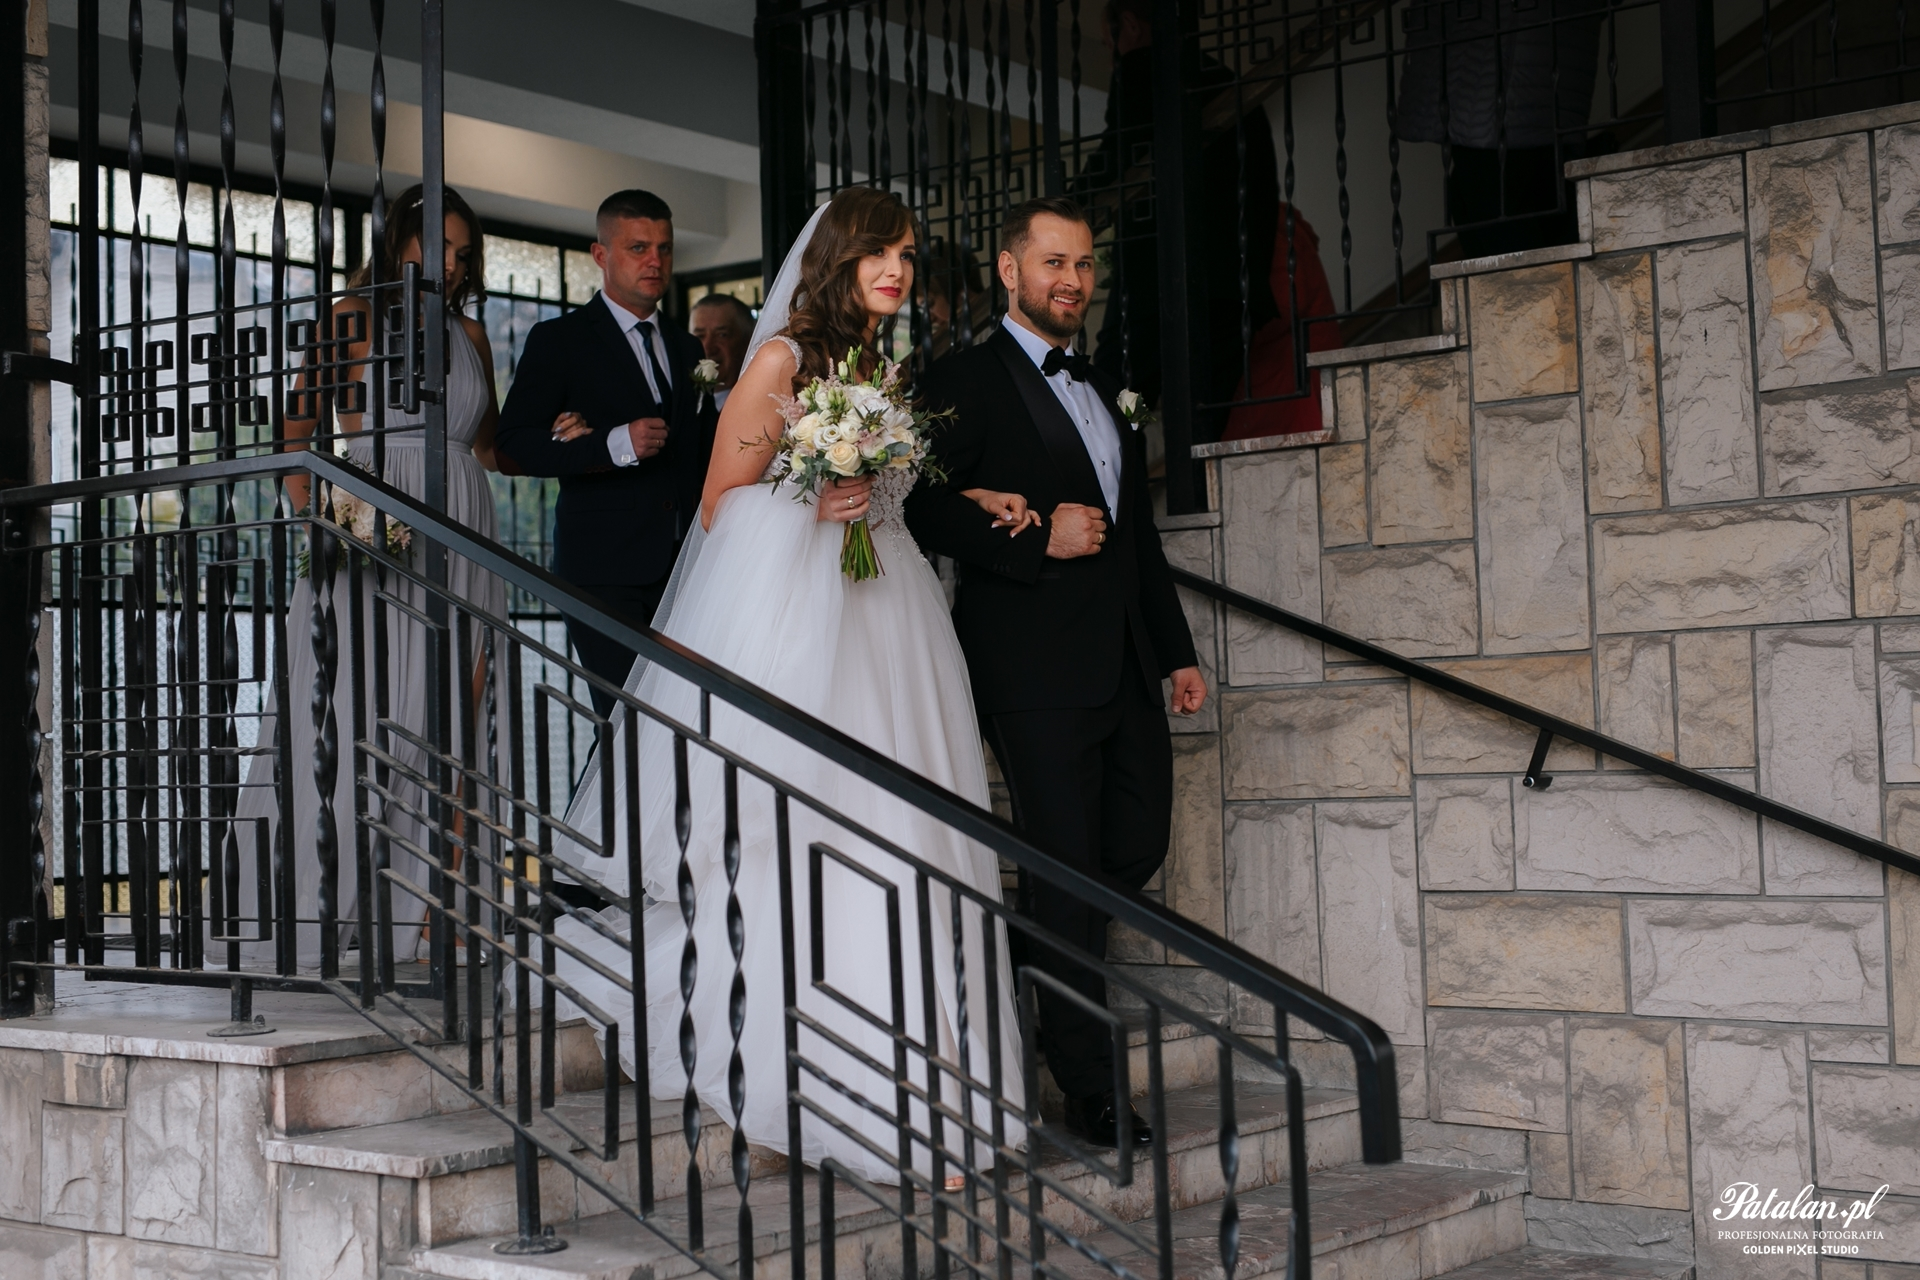 fotograf Białystok, fotografia ślubna Białystok, Kościół św. Boboli w Łomży, śbłogosławieństwo rodziców, ceremonia ślubna, pan młody, pani młoda, garnitur, smoking na ślub wesele, biżuteria ślubna, buty ślubne, bukiet ślubny, suknia ślubna,